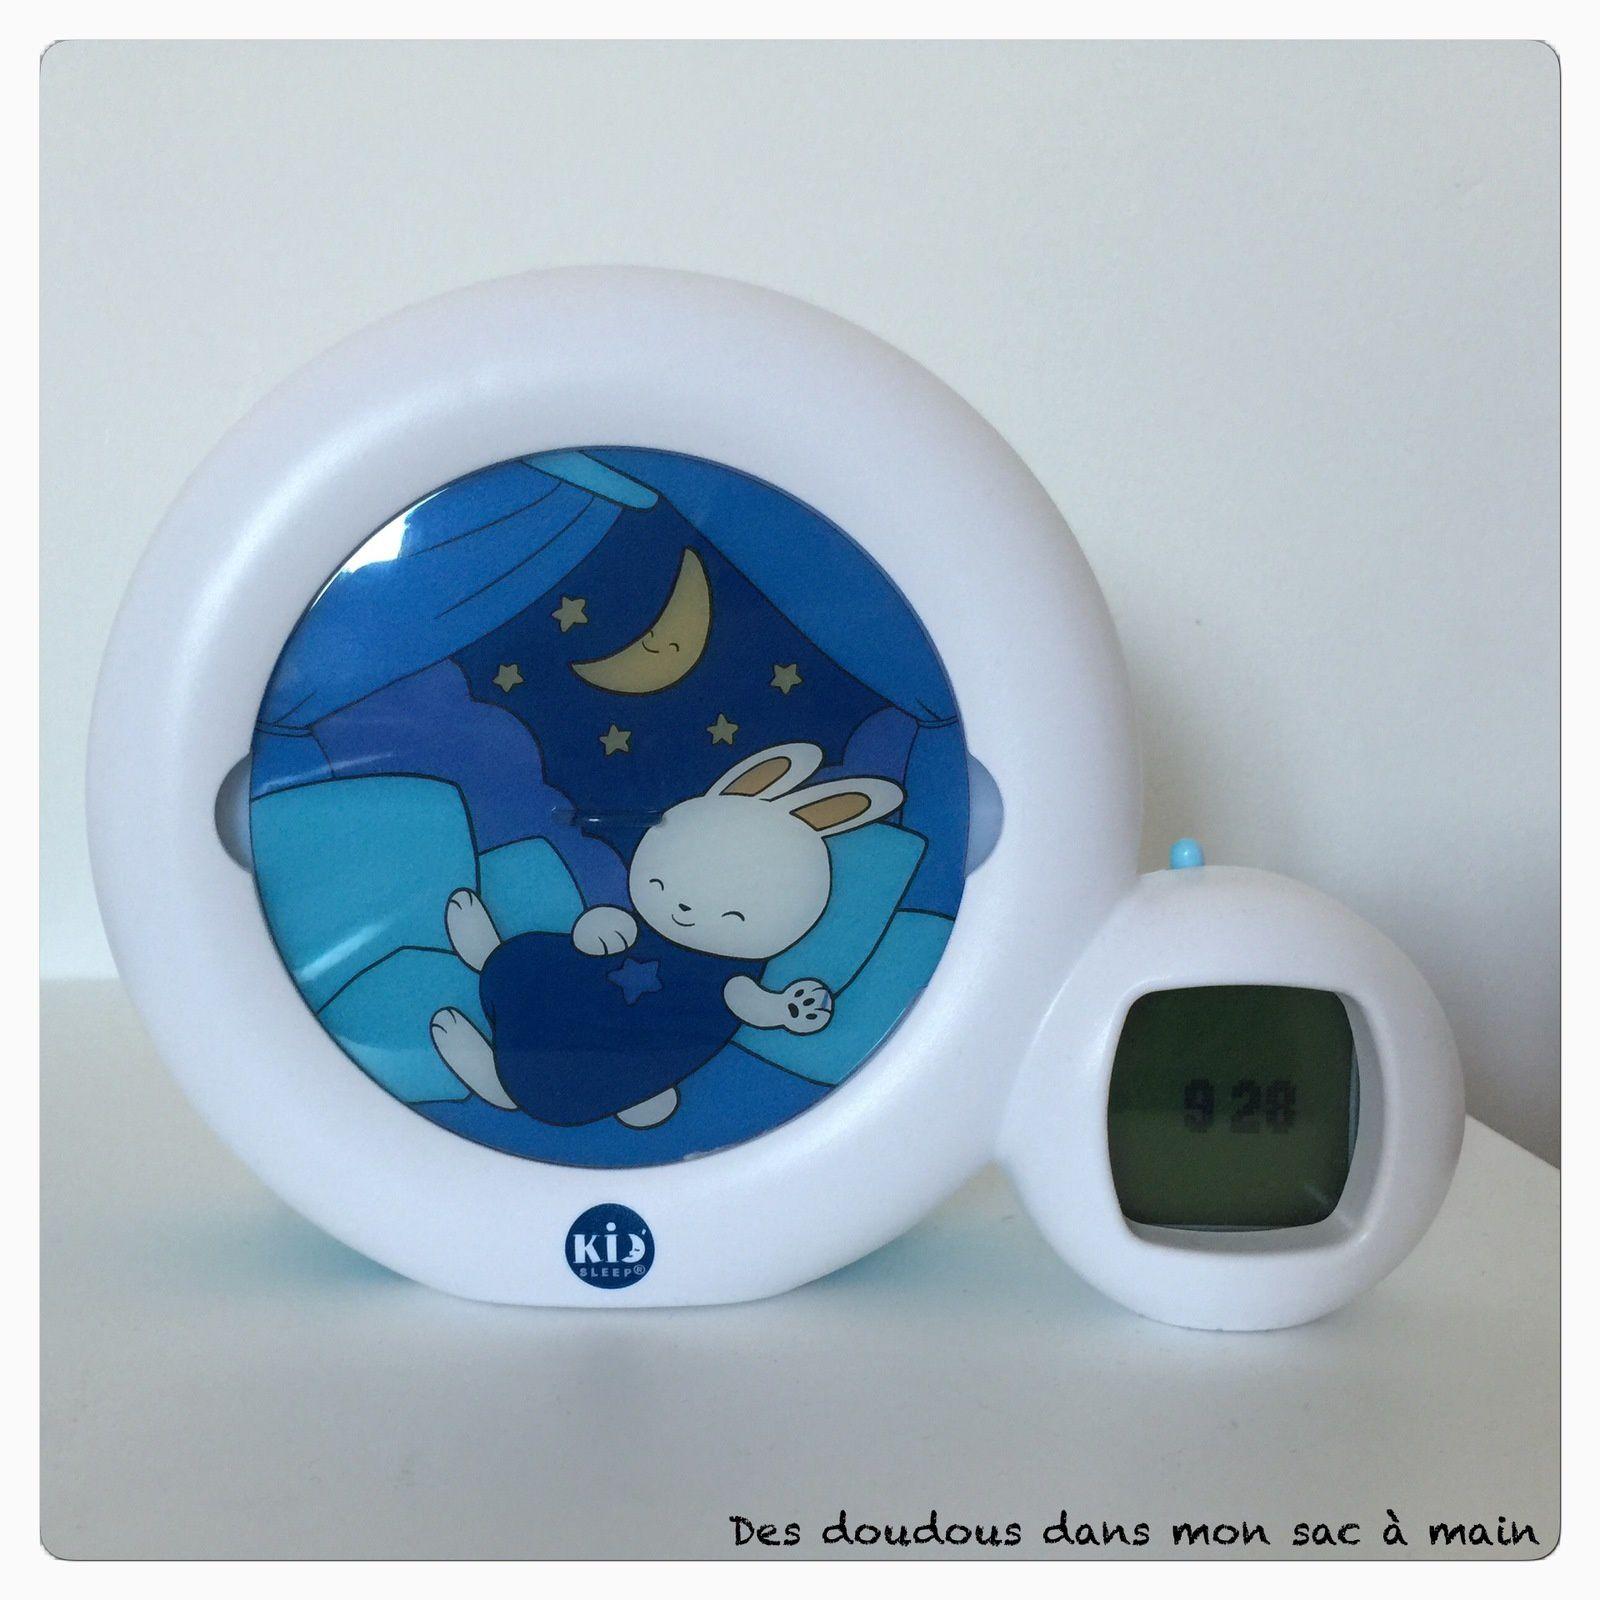 """{Concours} Indicateur de réveil Claessens'Kids """"Moon"""""""